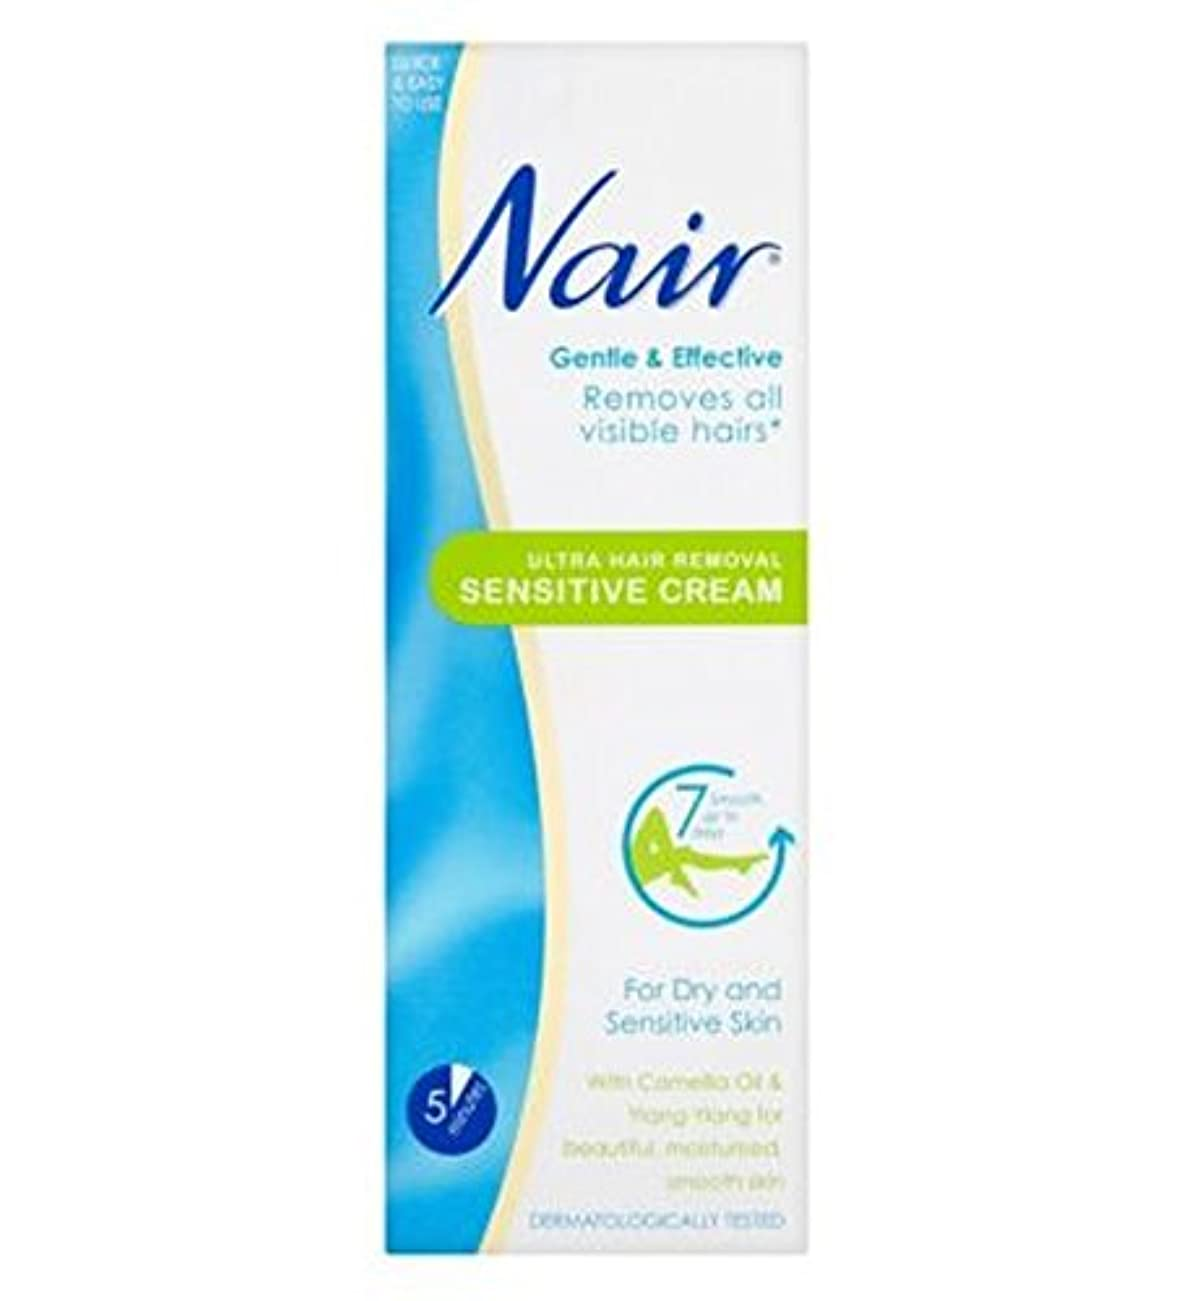 リーン丈夫上にNair Sensitive Hair Removal Cream 200ml - Nairさん敏感な脱毛クリーム200ミリリットル (Nair) [並行輸入品]